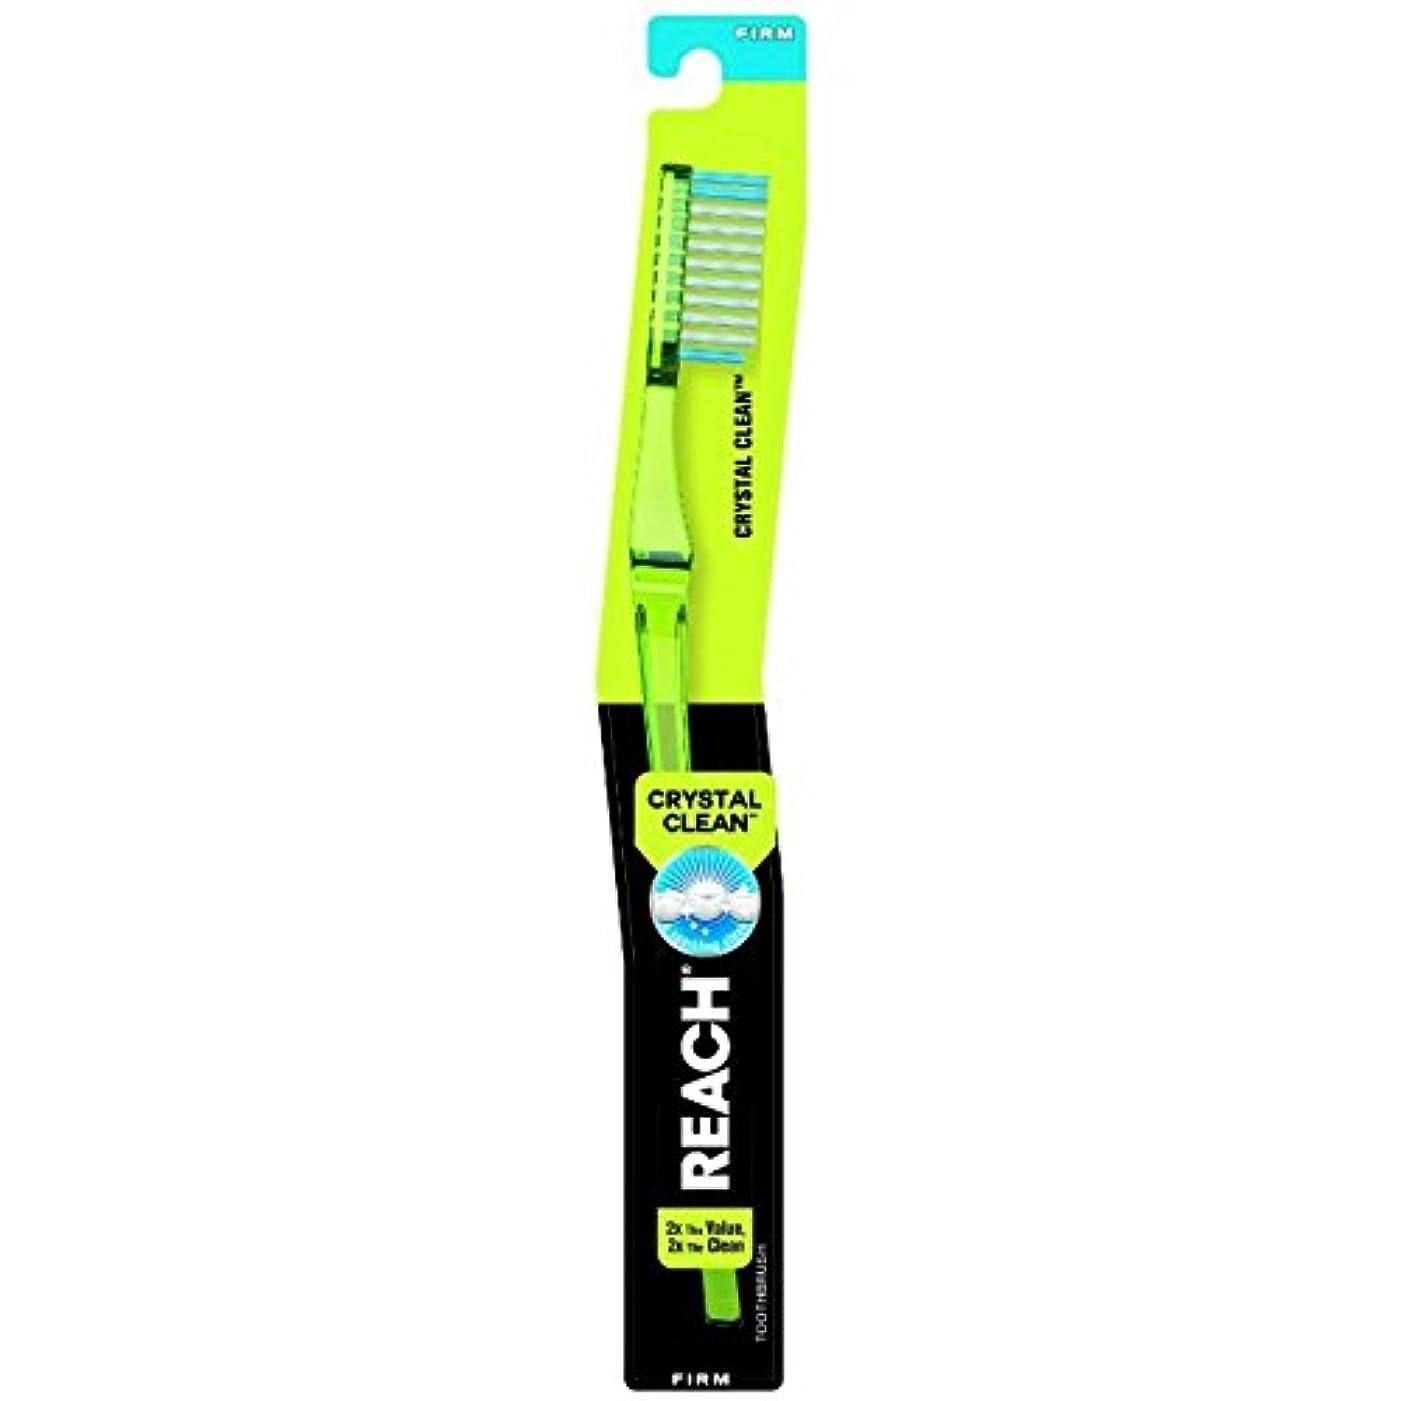 荒らす着替える過剰Reach クリスタルクリーン事務所抗菌キャップ、1 EAで大人歯ブラシ - ブルー(4パック) 4パック